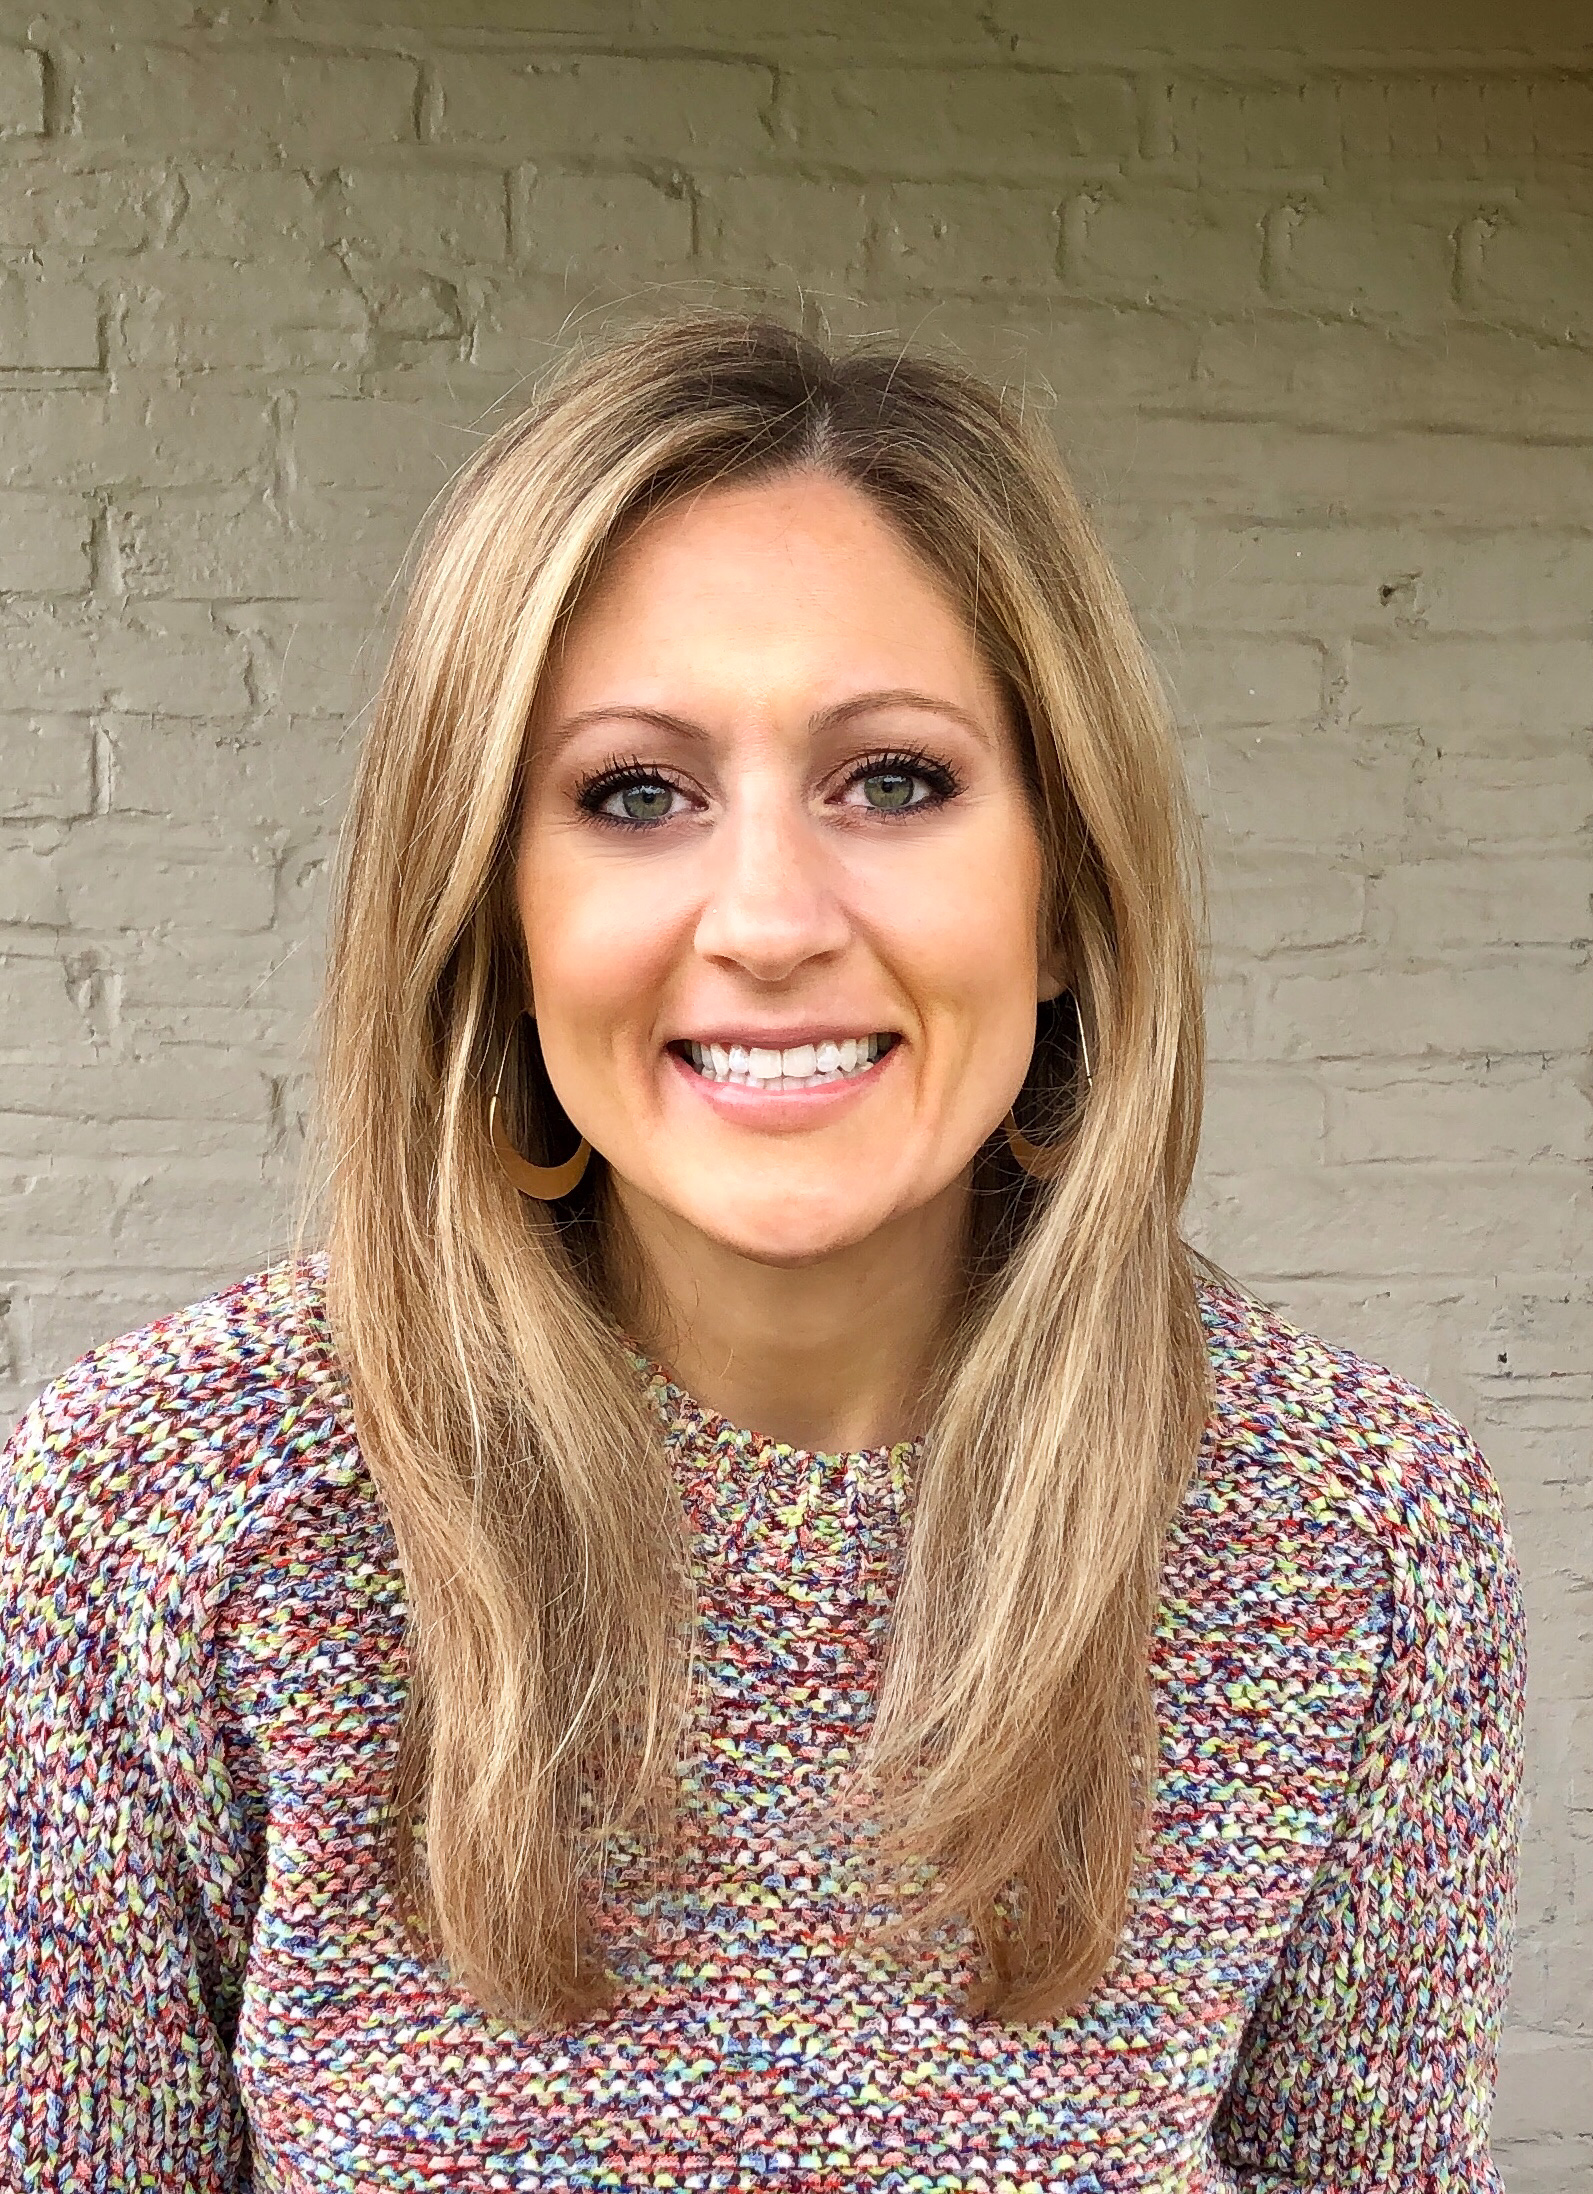 Erin Vajda Bupp